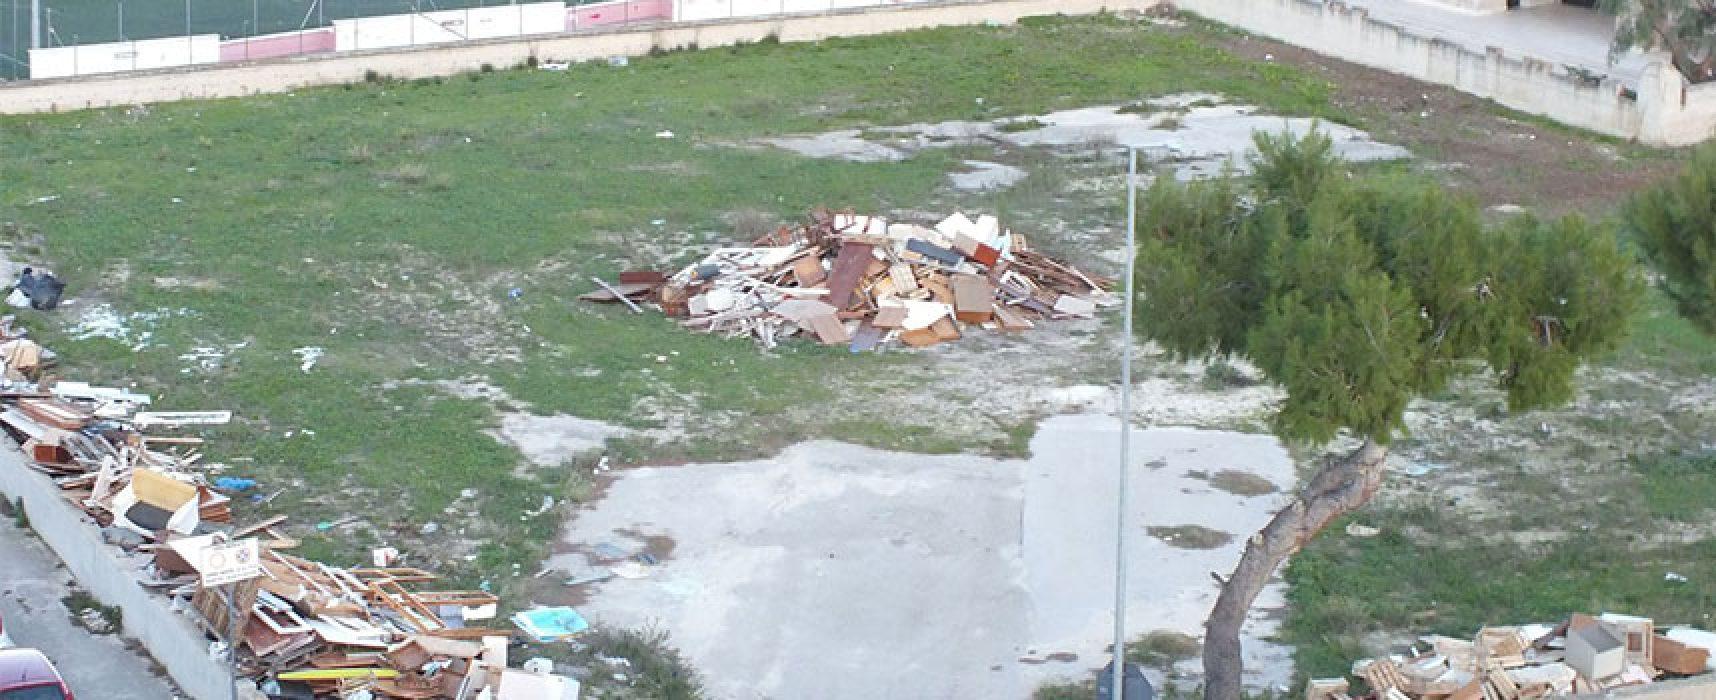 Lettera di un cittadino denucia terreno trasformato in discarica con scusa del falò / FOTO